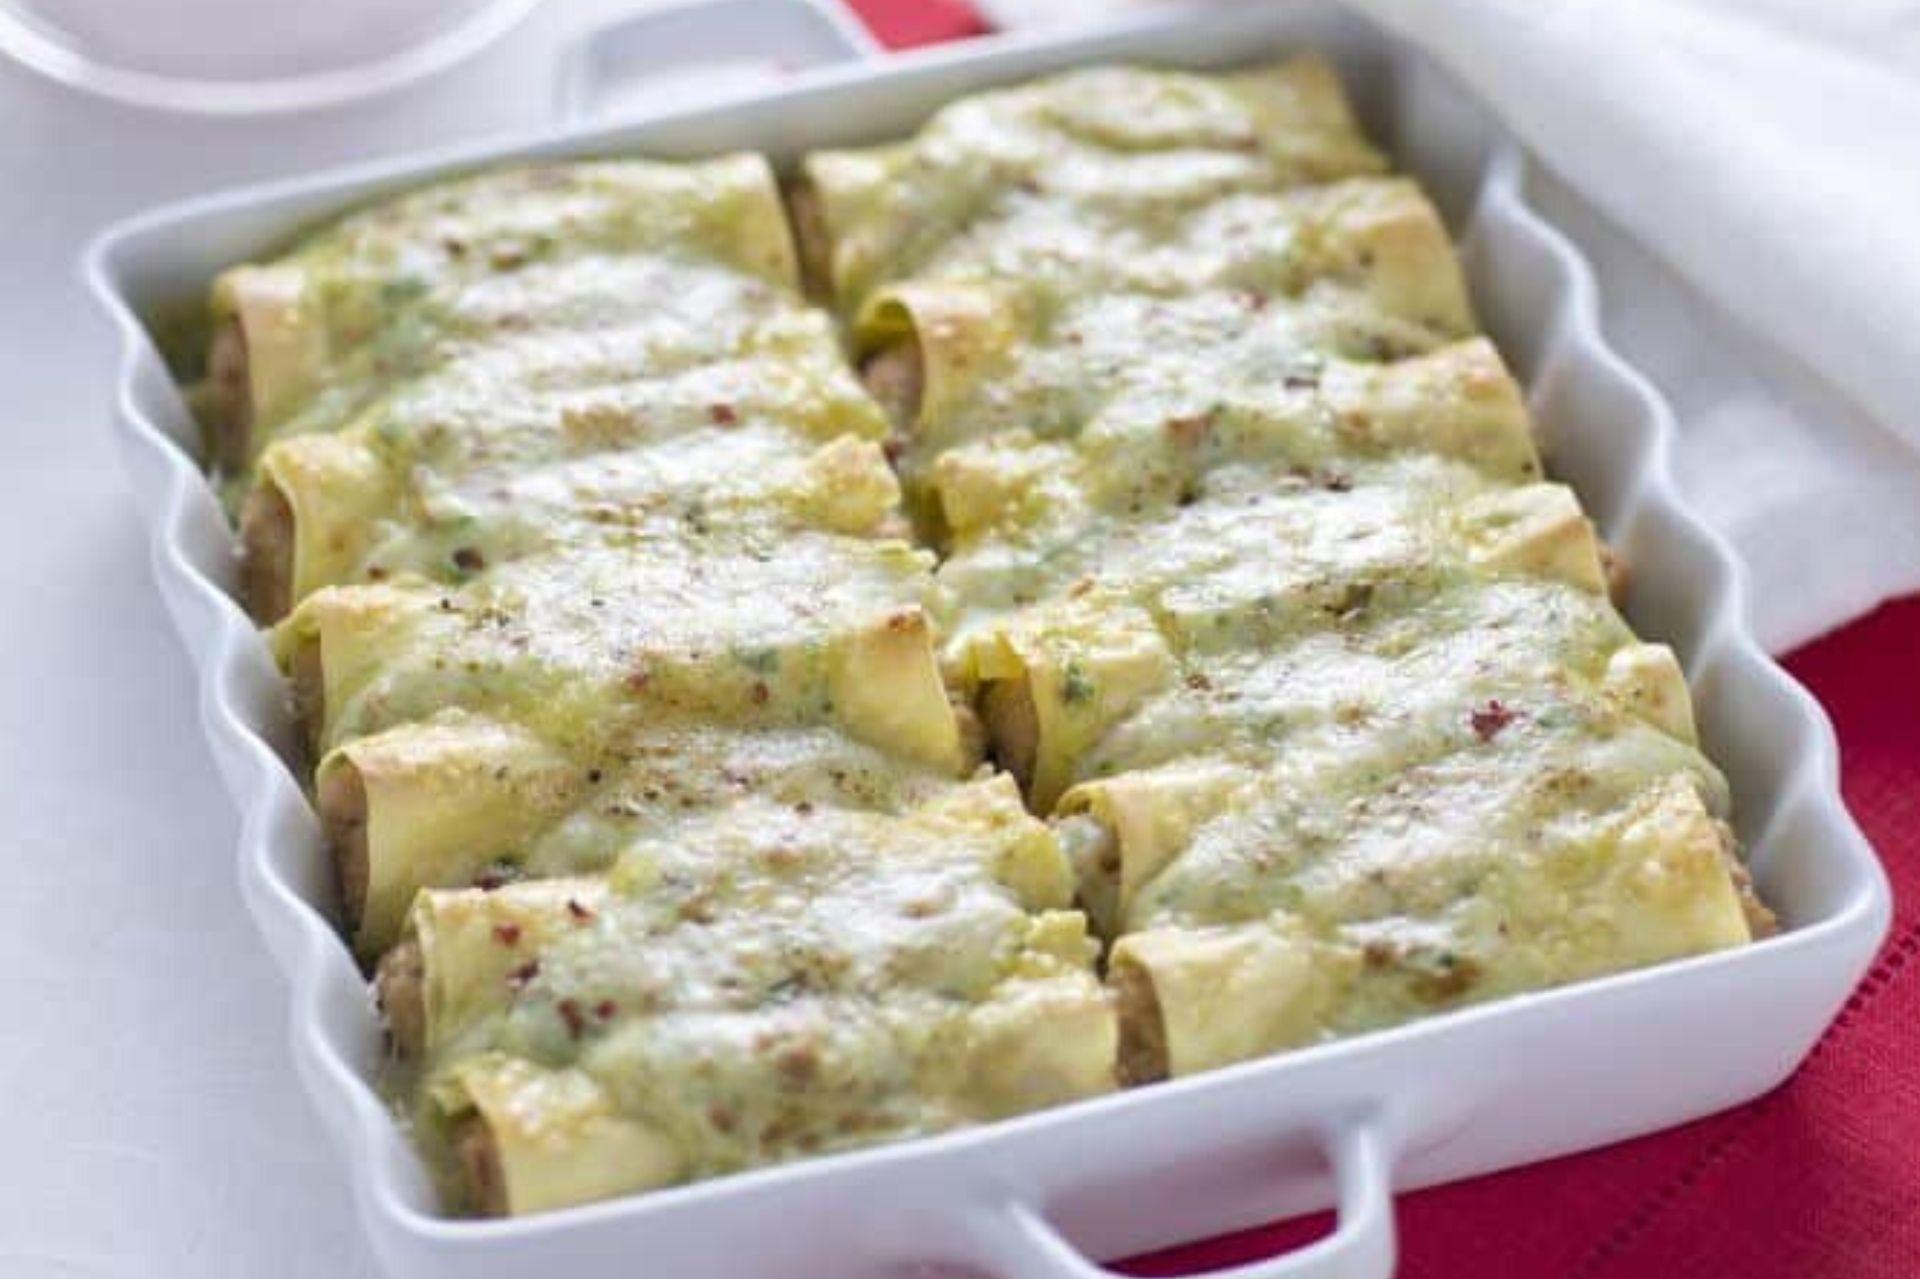 Cannelloni per la Vigilia di Natale: 4 ricette appetitose